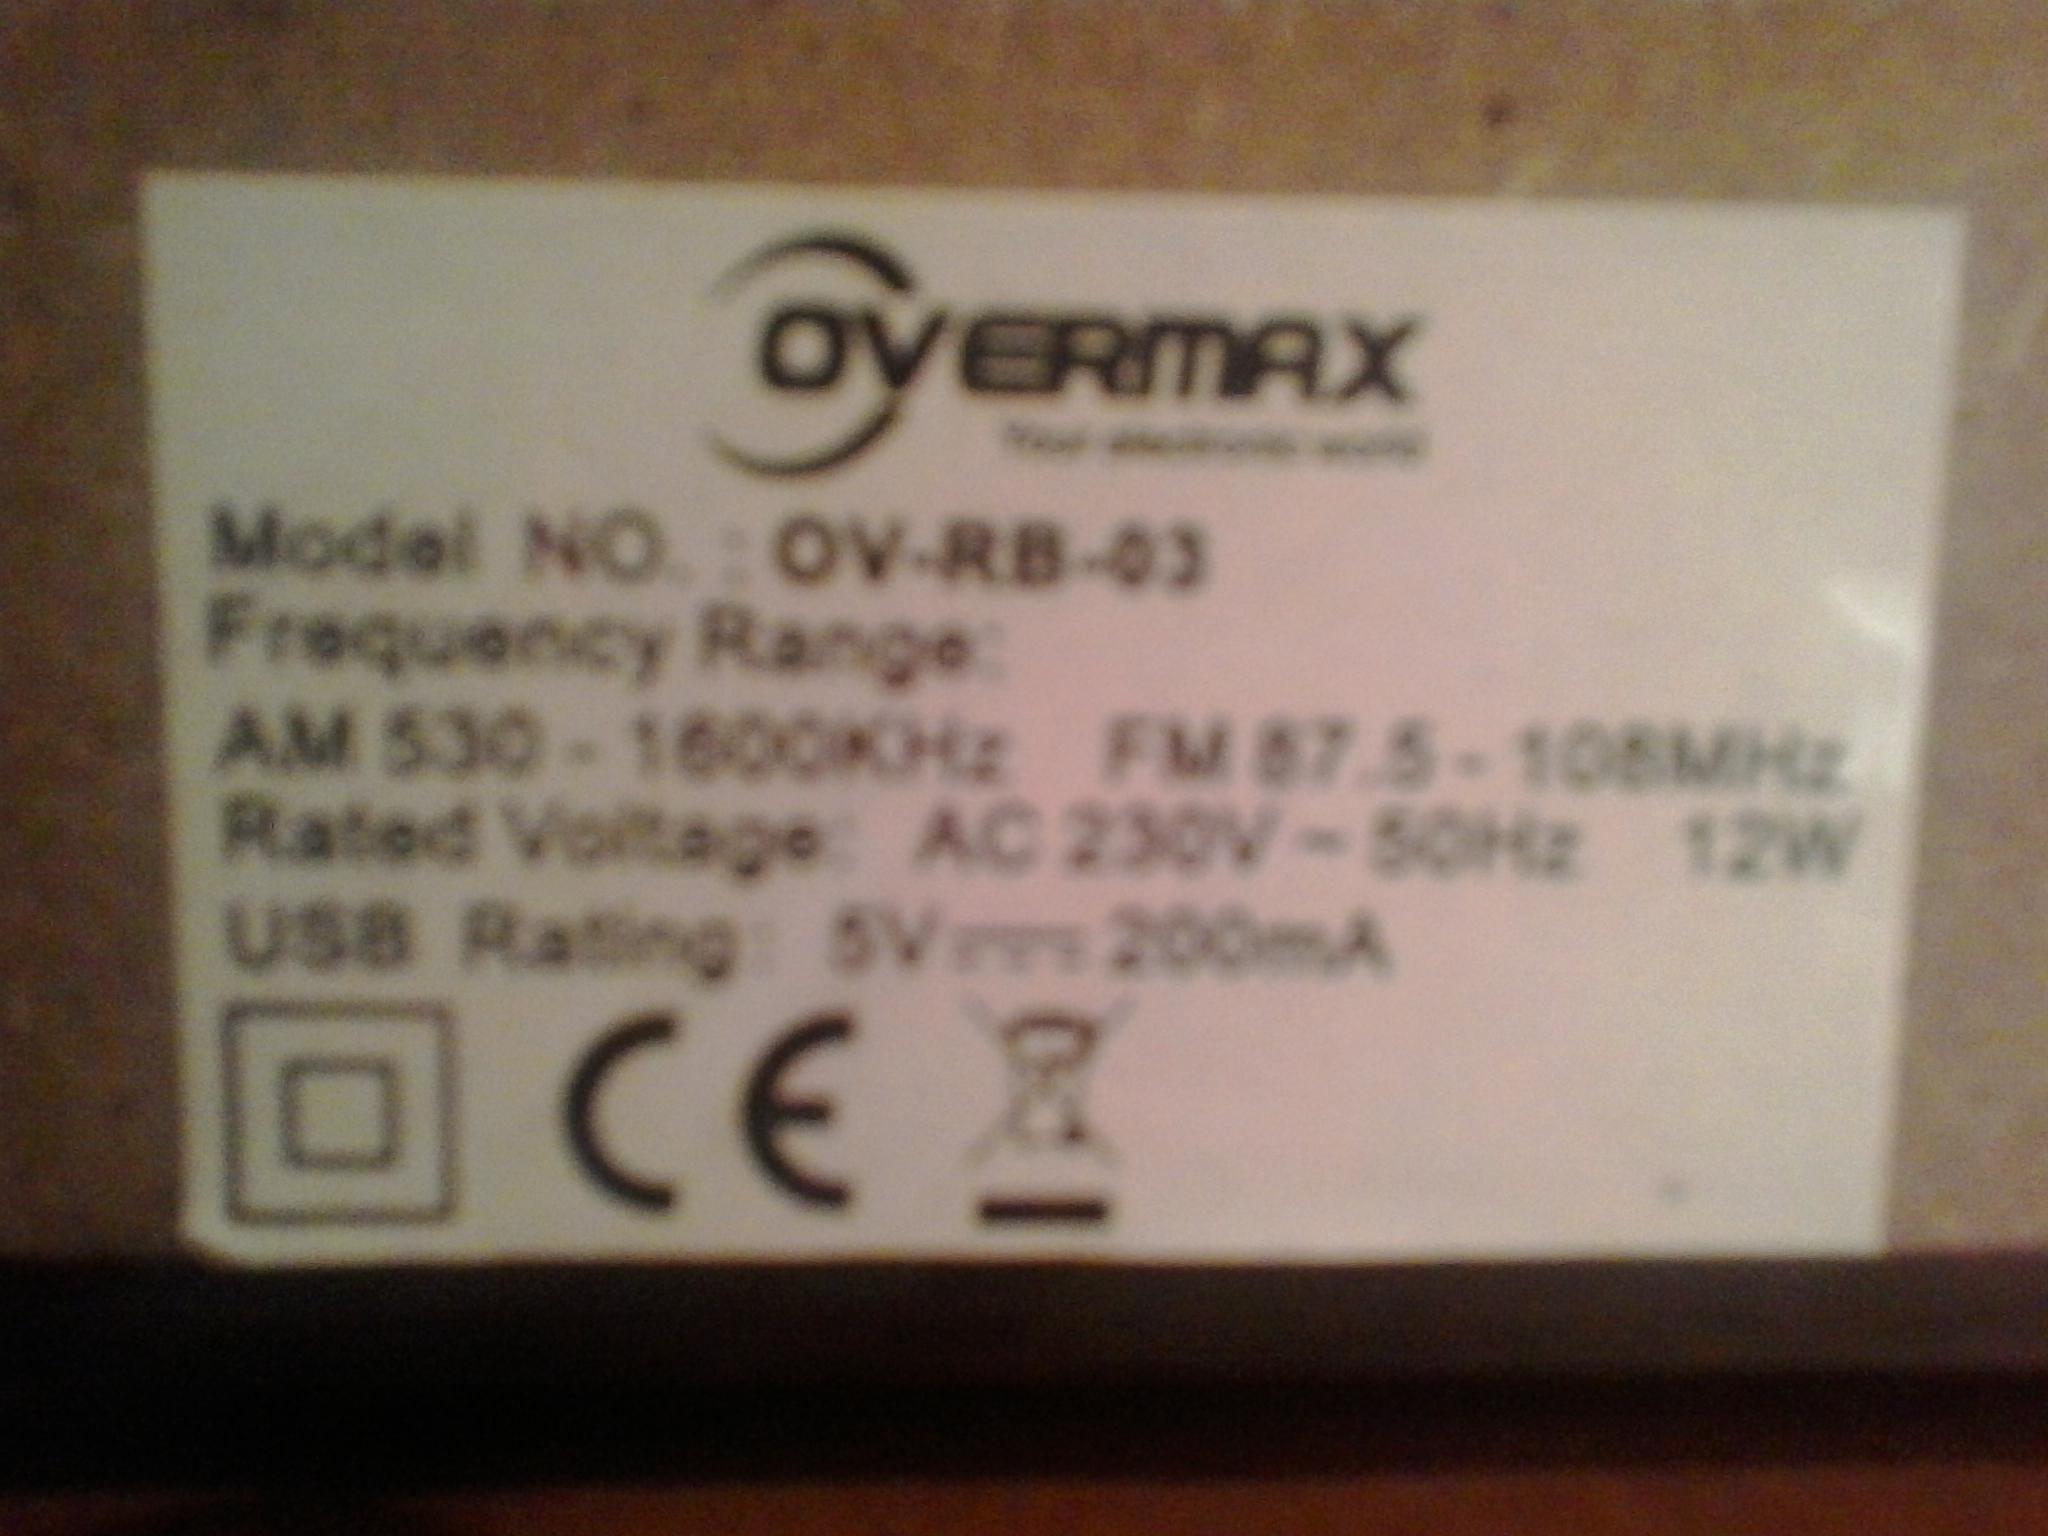 Overmax OV-RB-03 - Brak mo�liwo�ci zmiany zakresu fal fm